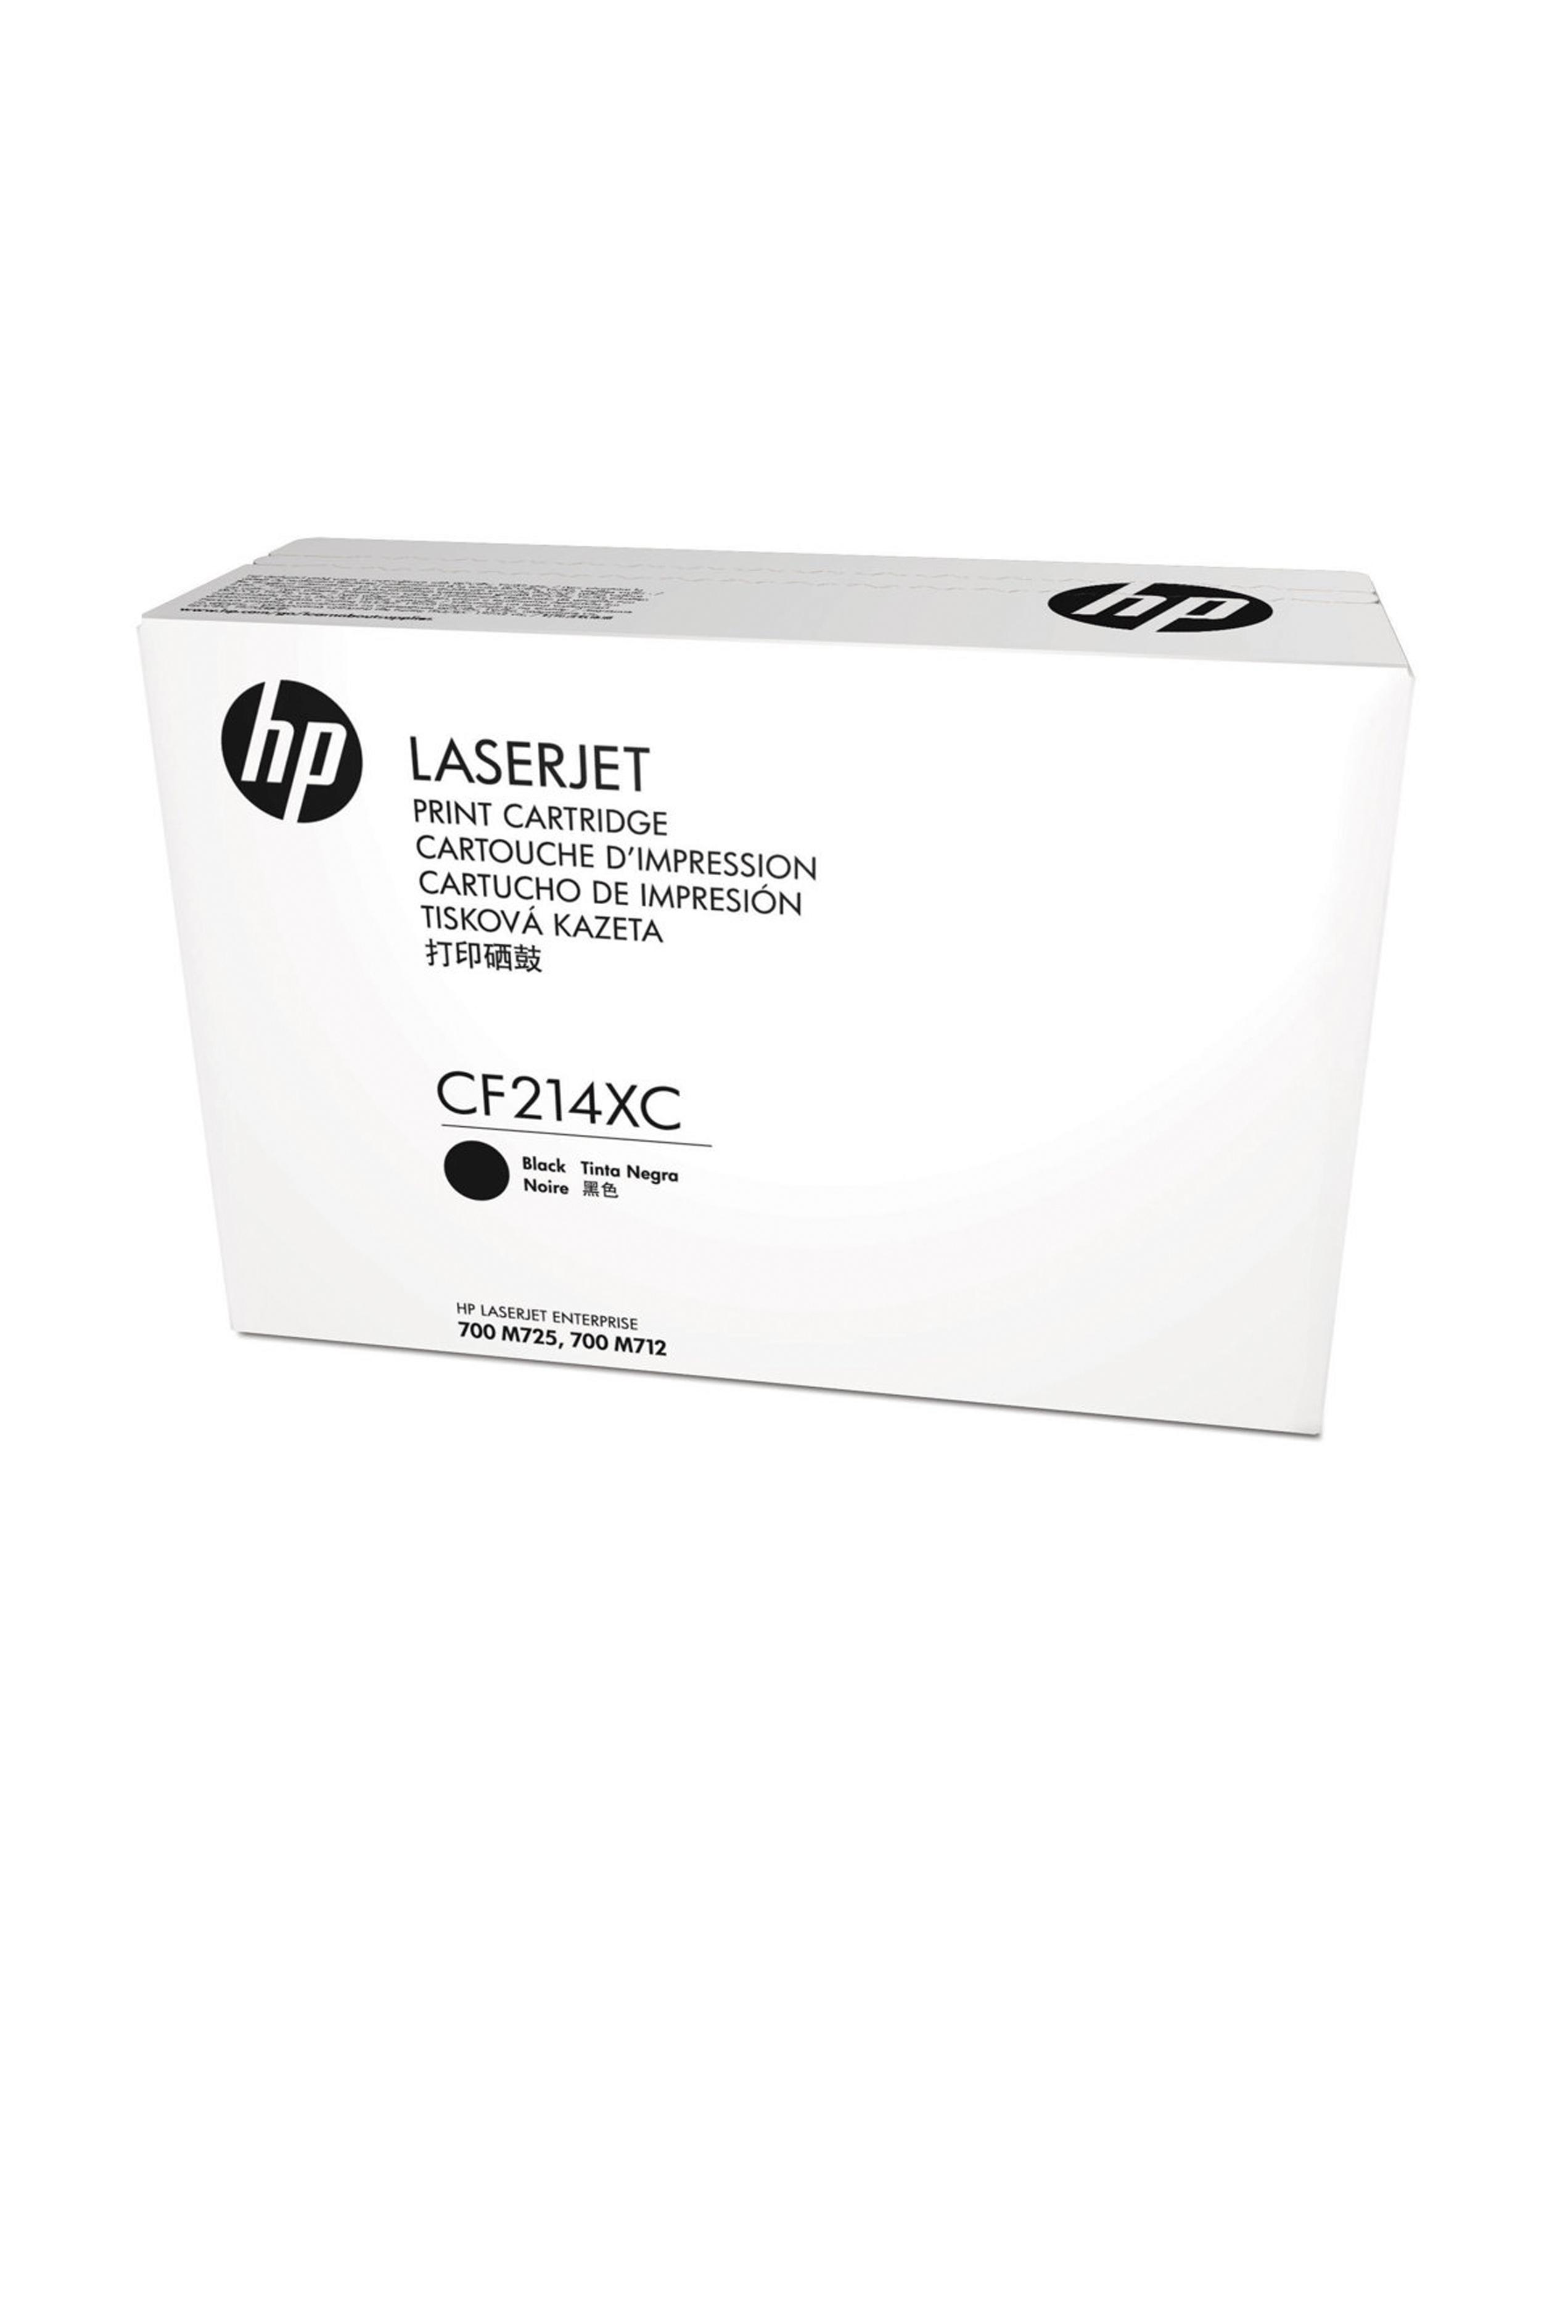 HP Laserjet Print Cartridge (CF214XC)